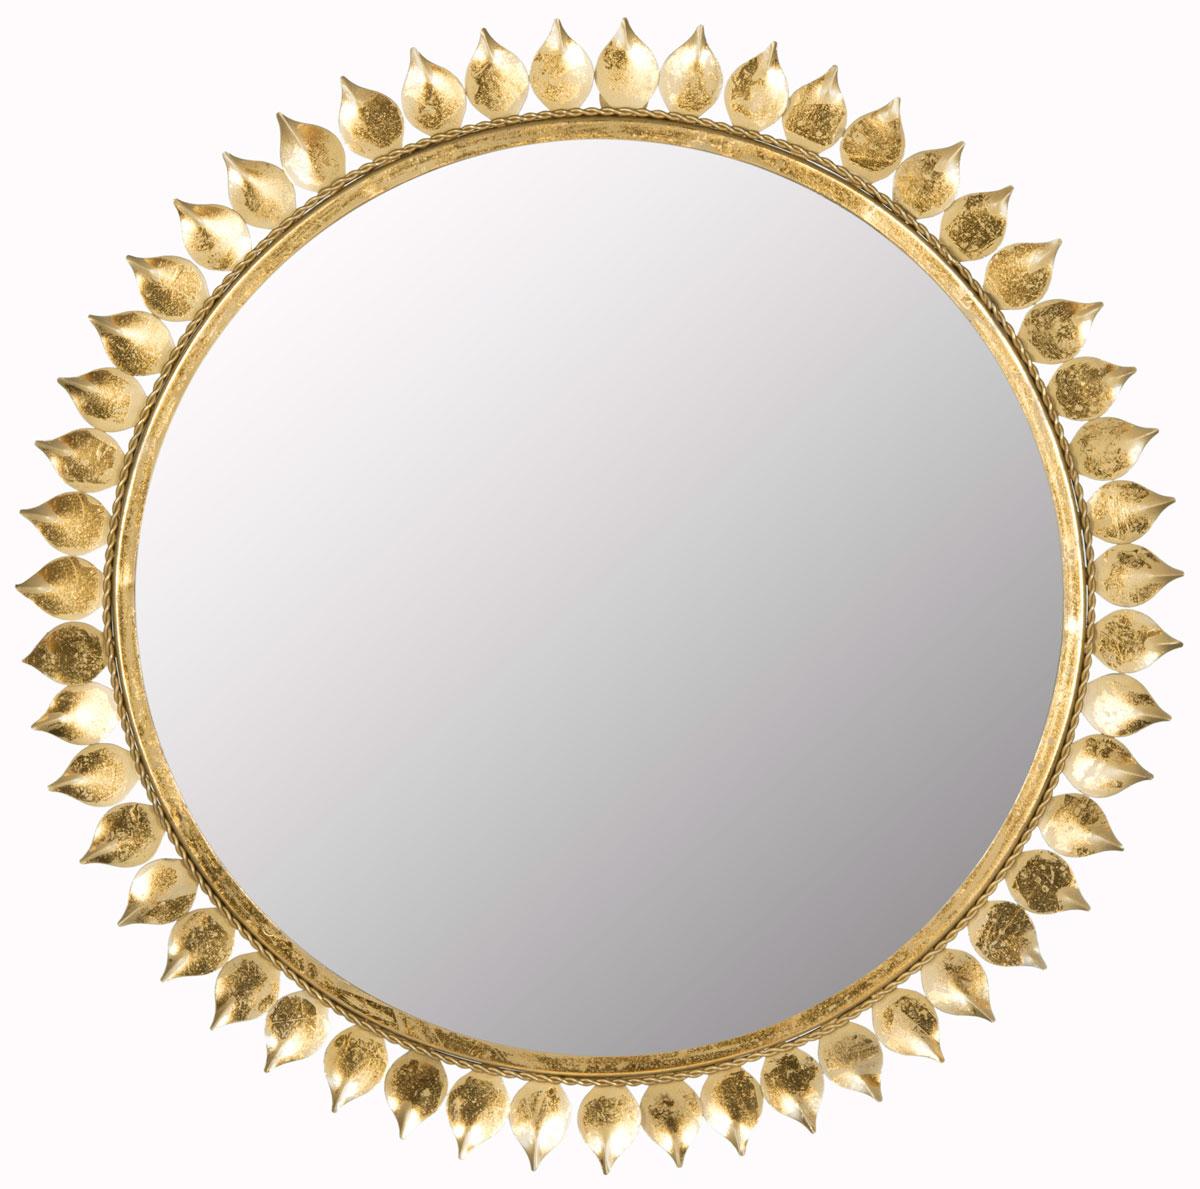 6b9245c20ff5 MIR4025A Mirrors - Safavieh